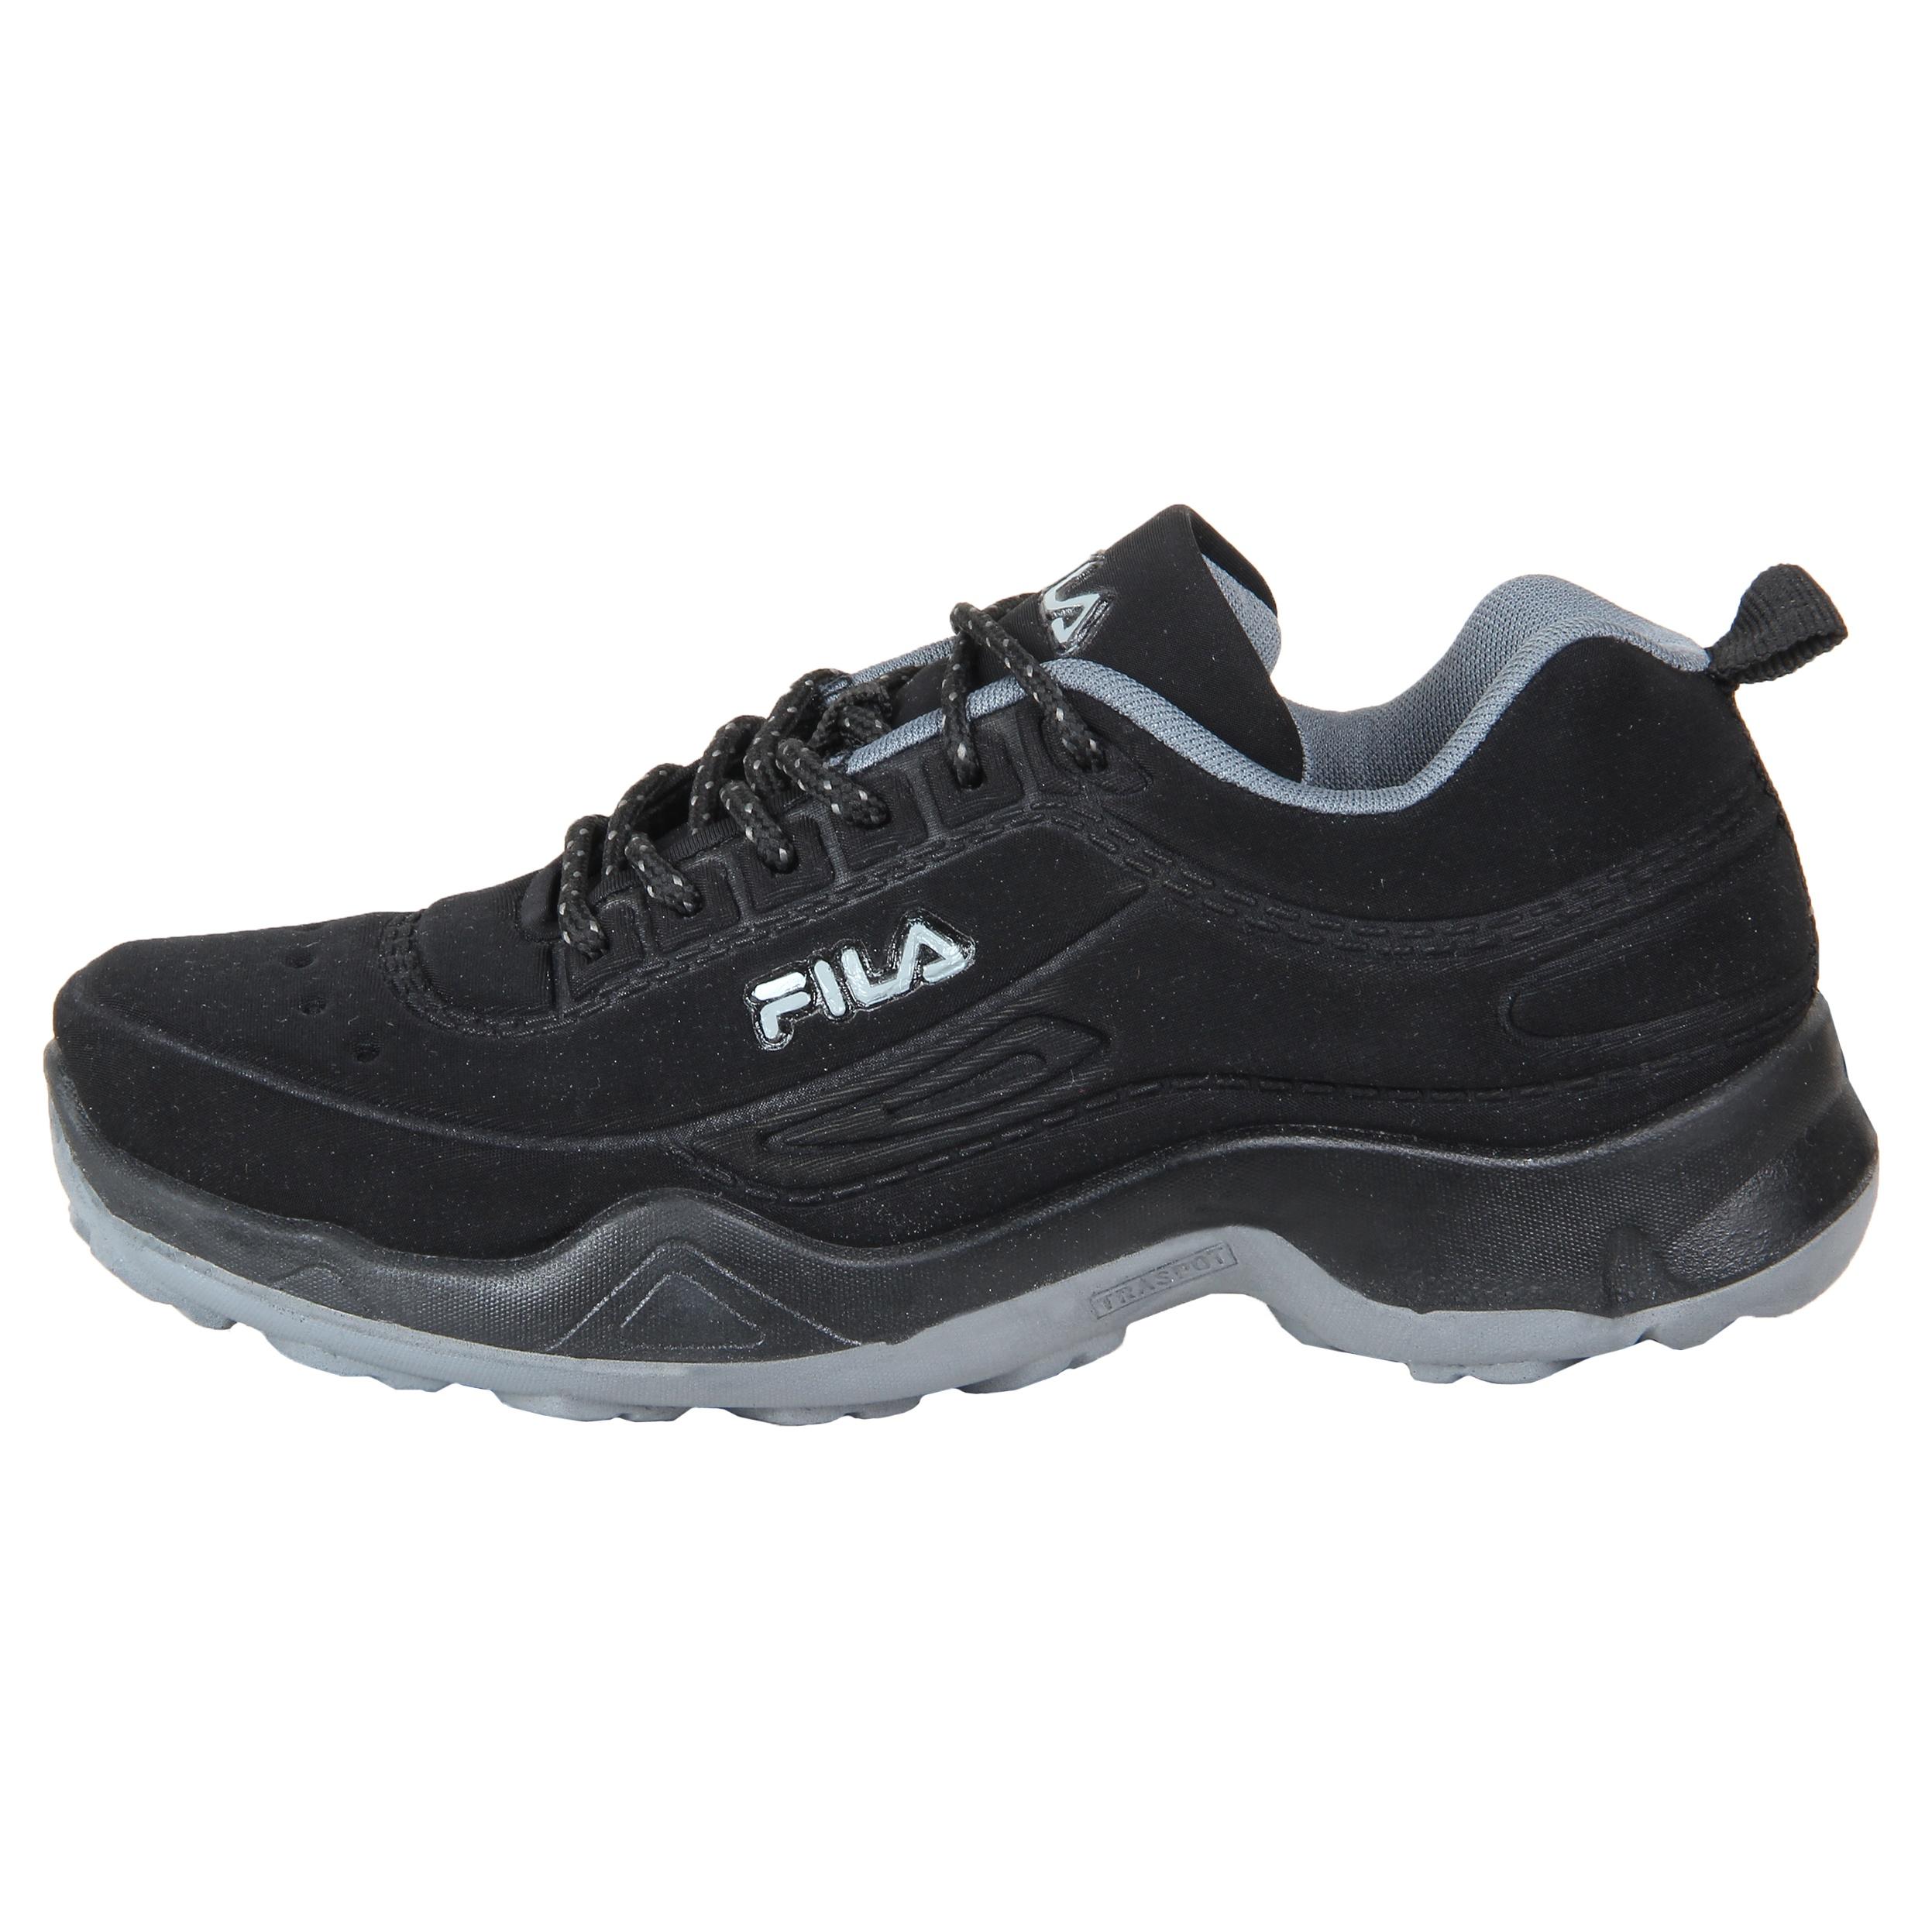 کفش مخصوص پیاده روی زنانه کد 35-111905